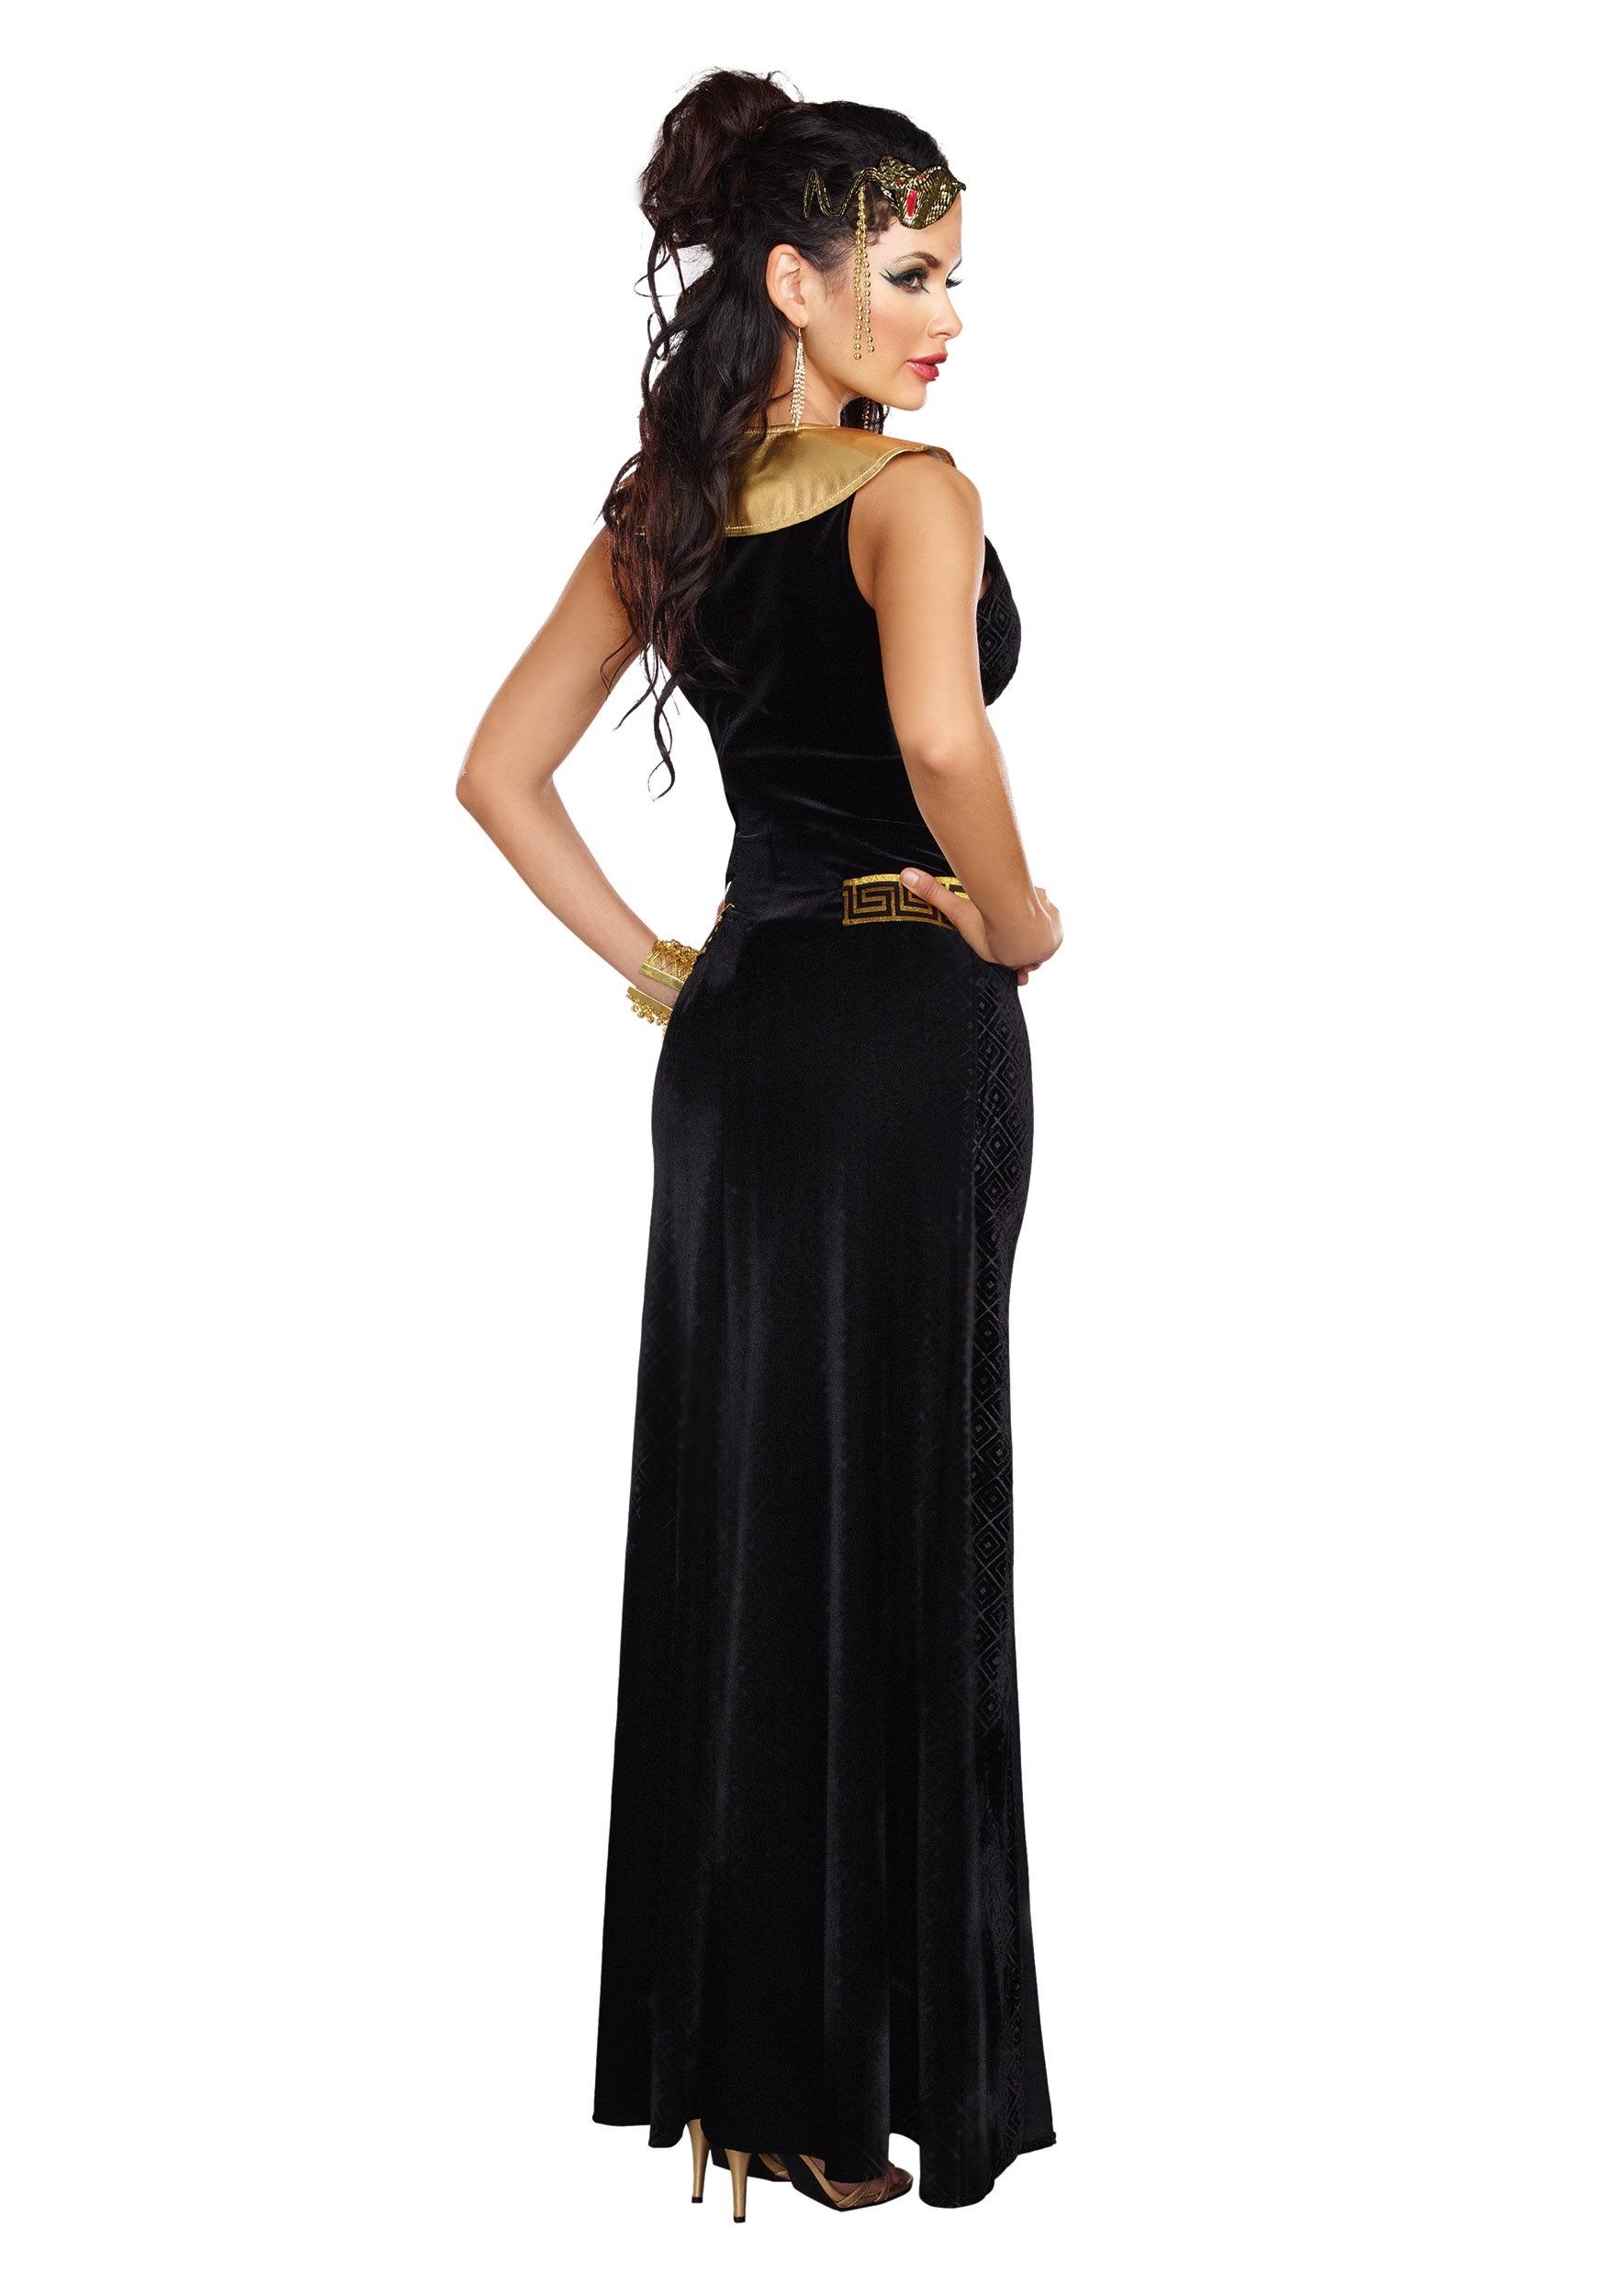 143b93c6e77 Black Lace Dress Amazon Uk - Gomes Weine AG